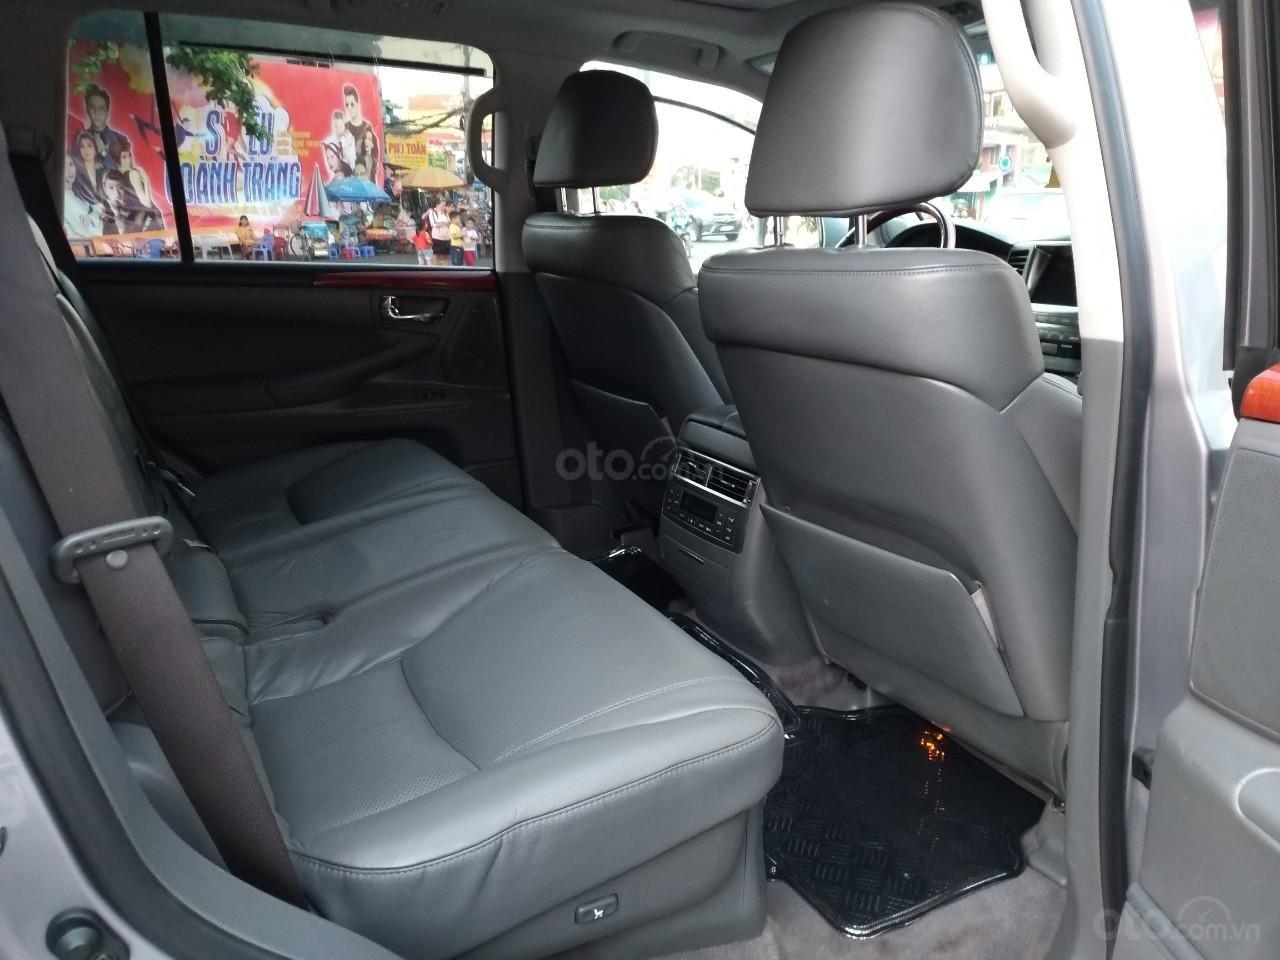 Lexus LX 570 model 2009, màu bạc, nhập khẩu, toàn bộ còn zin theo xe, cực mới, 2 tỷ 320 triệu-2